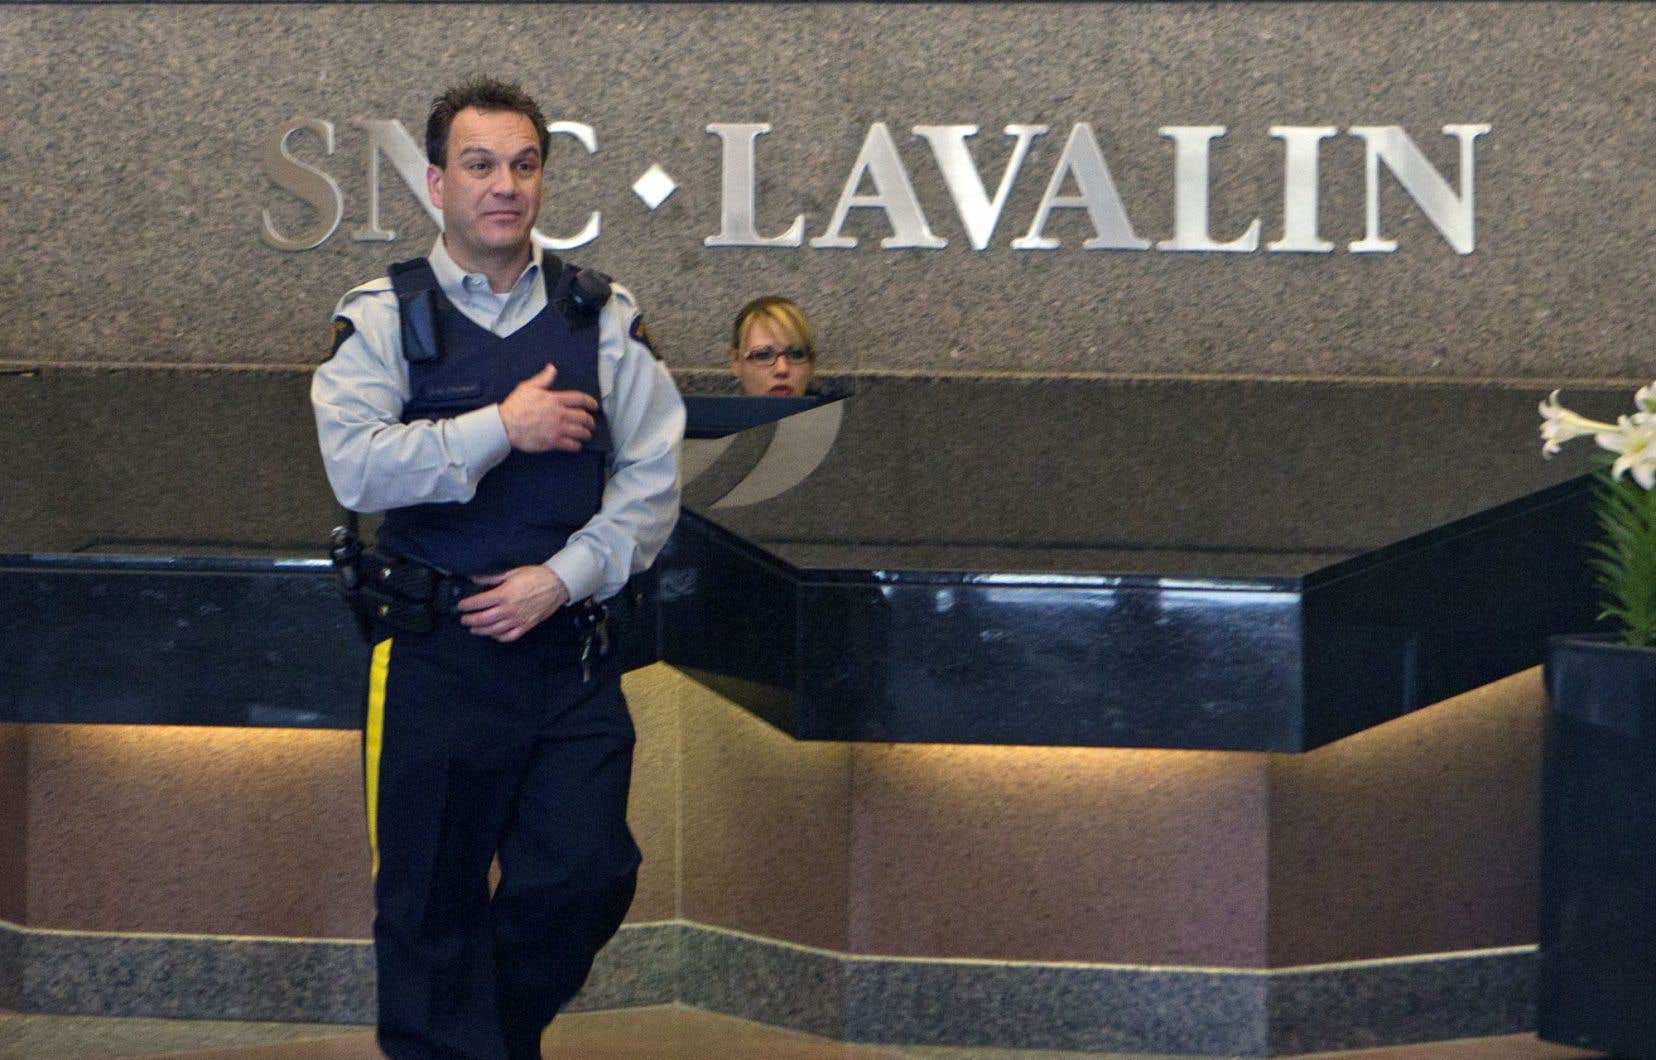 Selon la GRC, SNC-Lavalin aurait versé 47,7millions à des titulaires de charges publiques en Libye dans le but de les influencer.